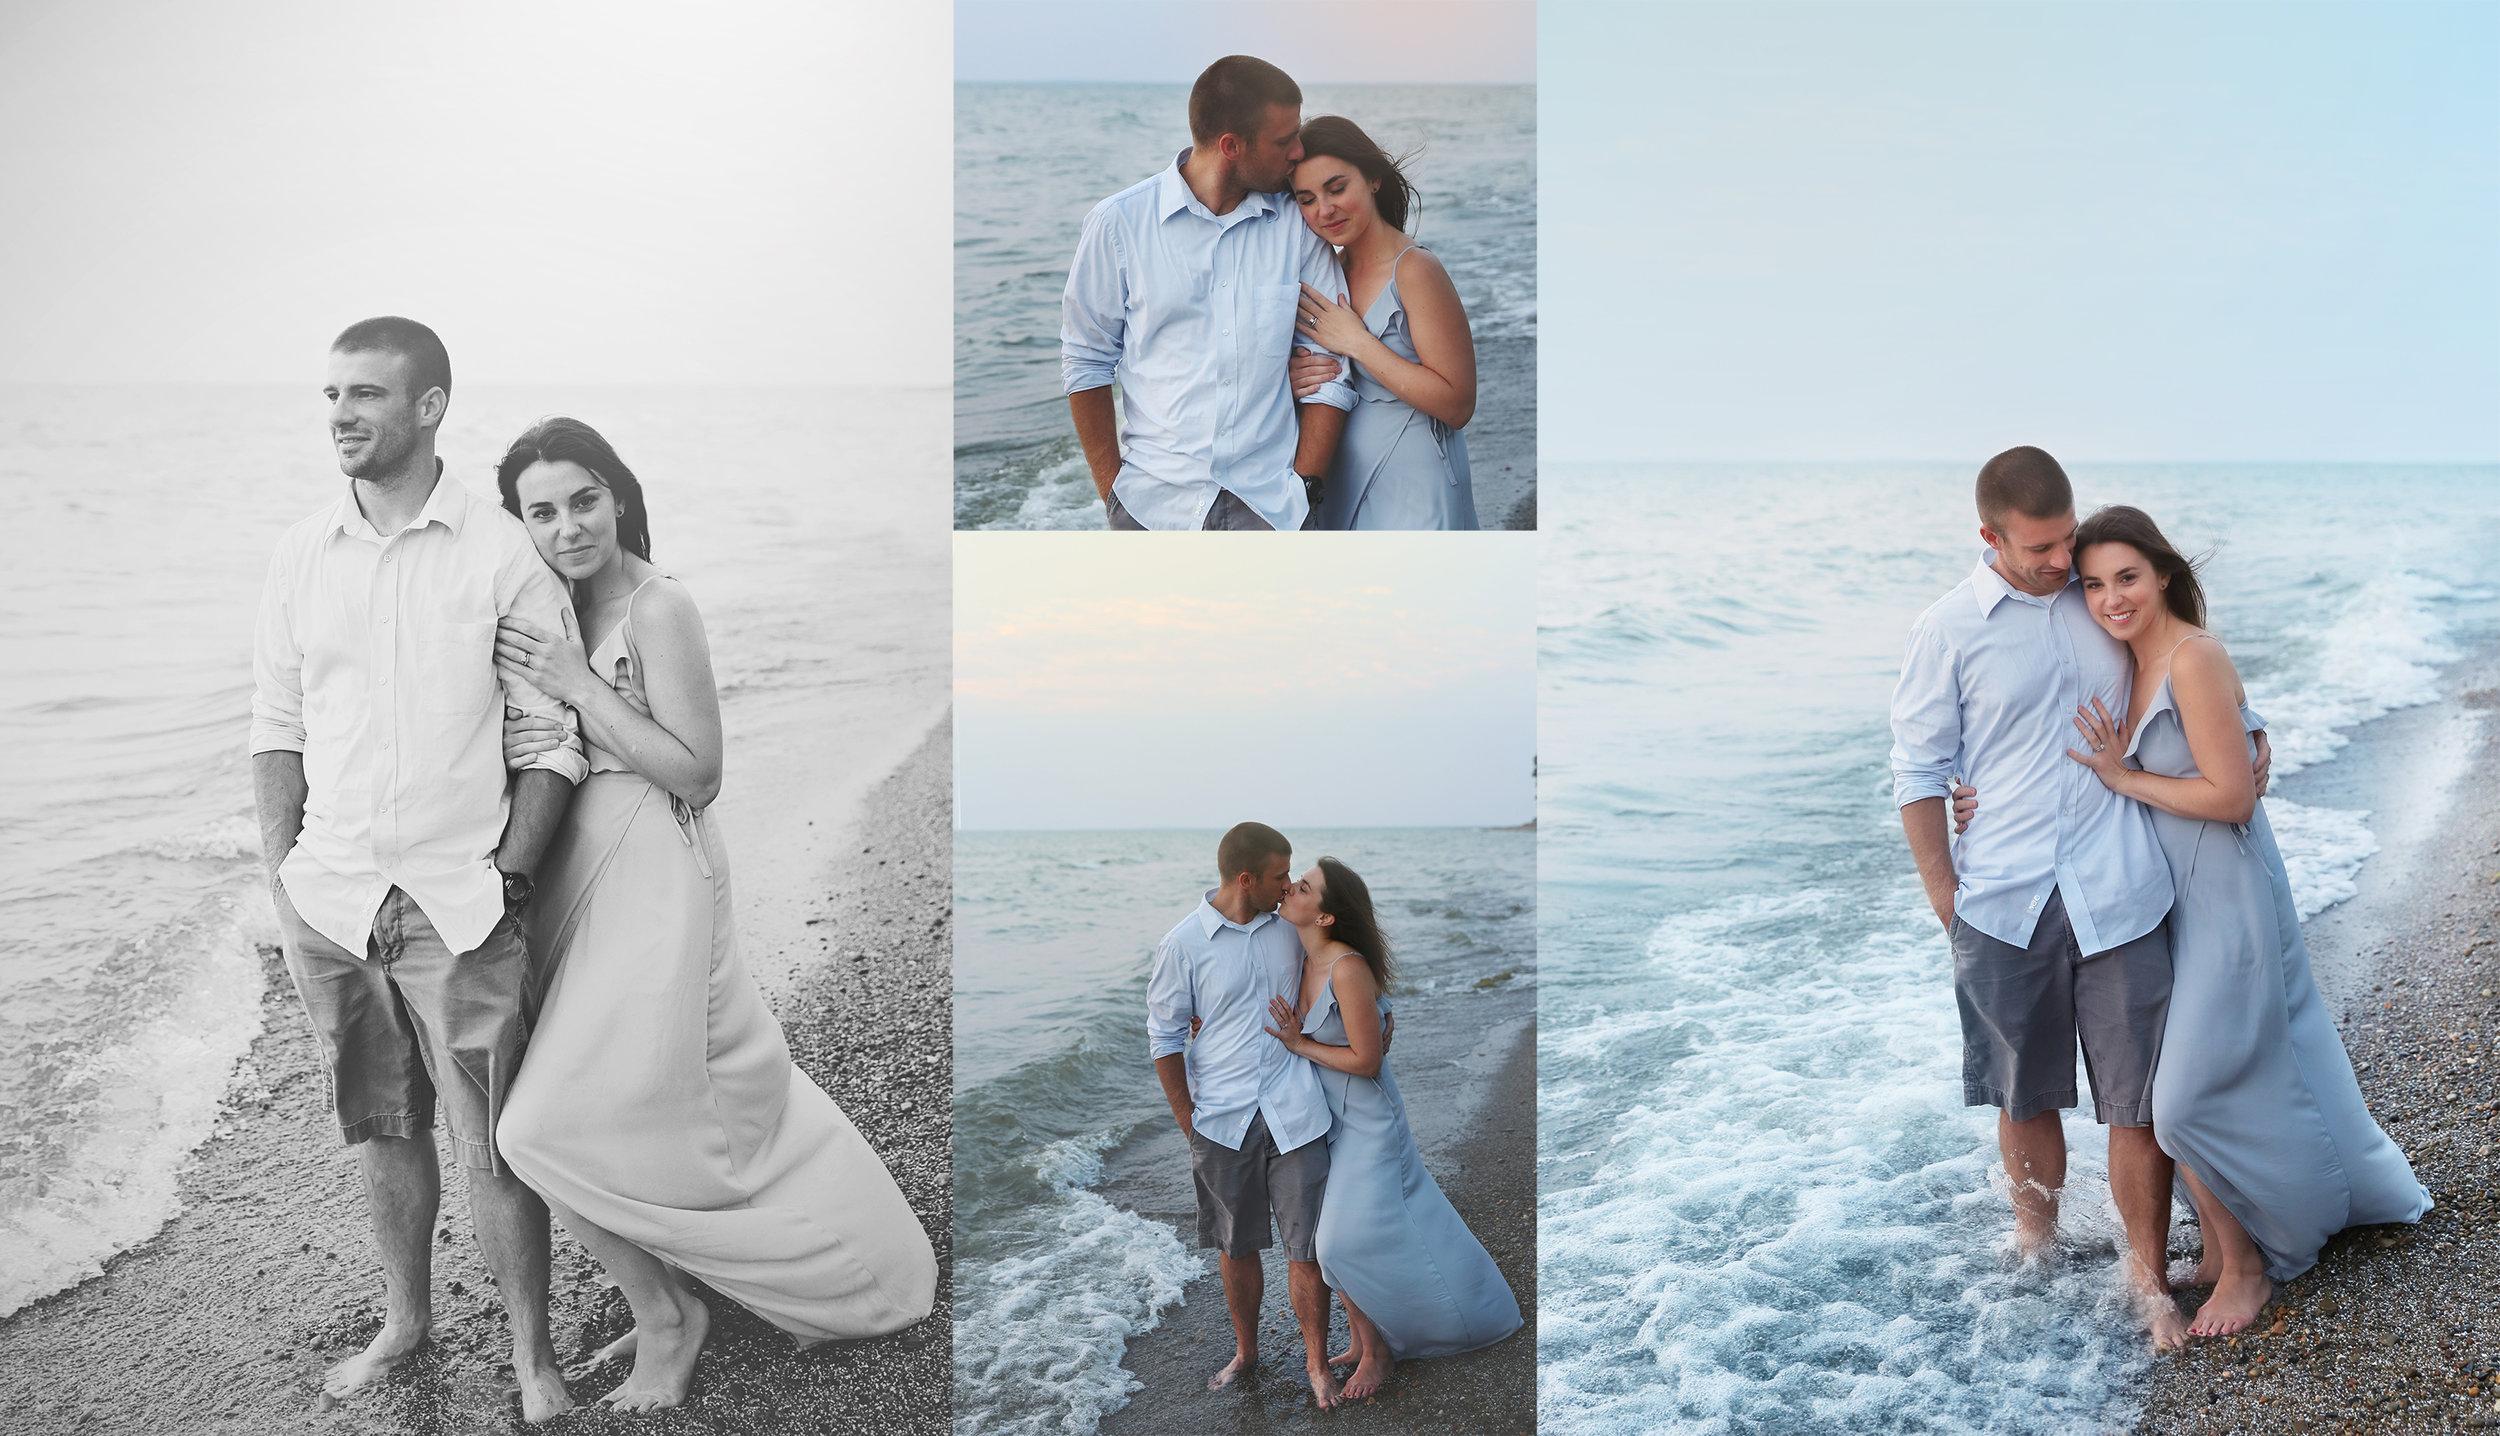 Best Photographer for beach photos in buffalo, ny